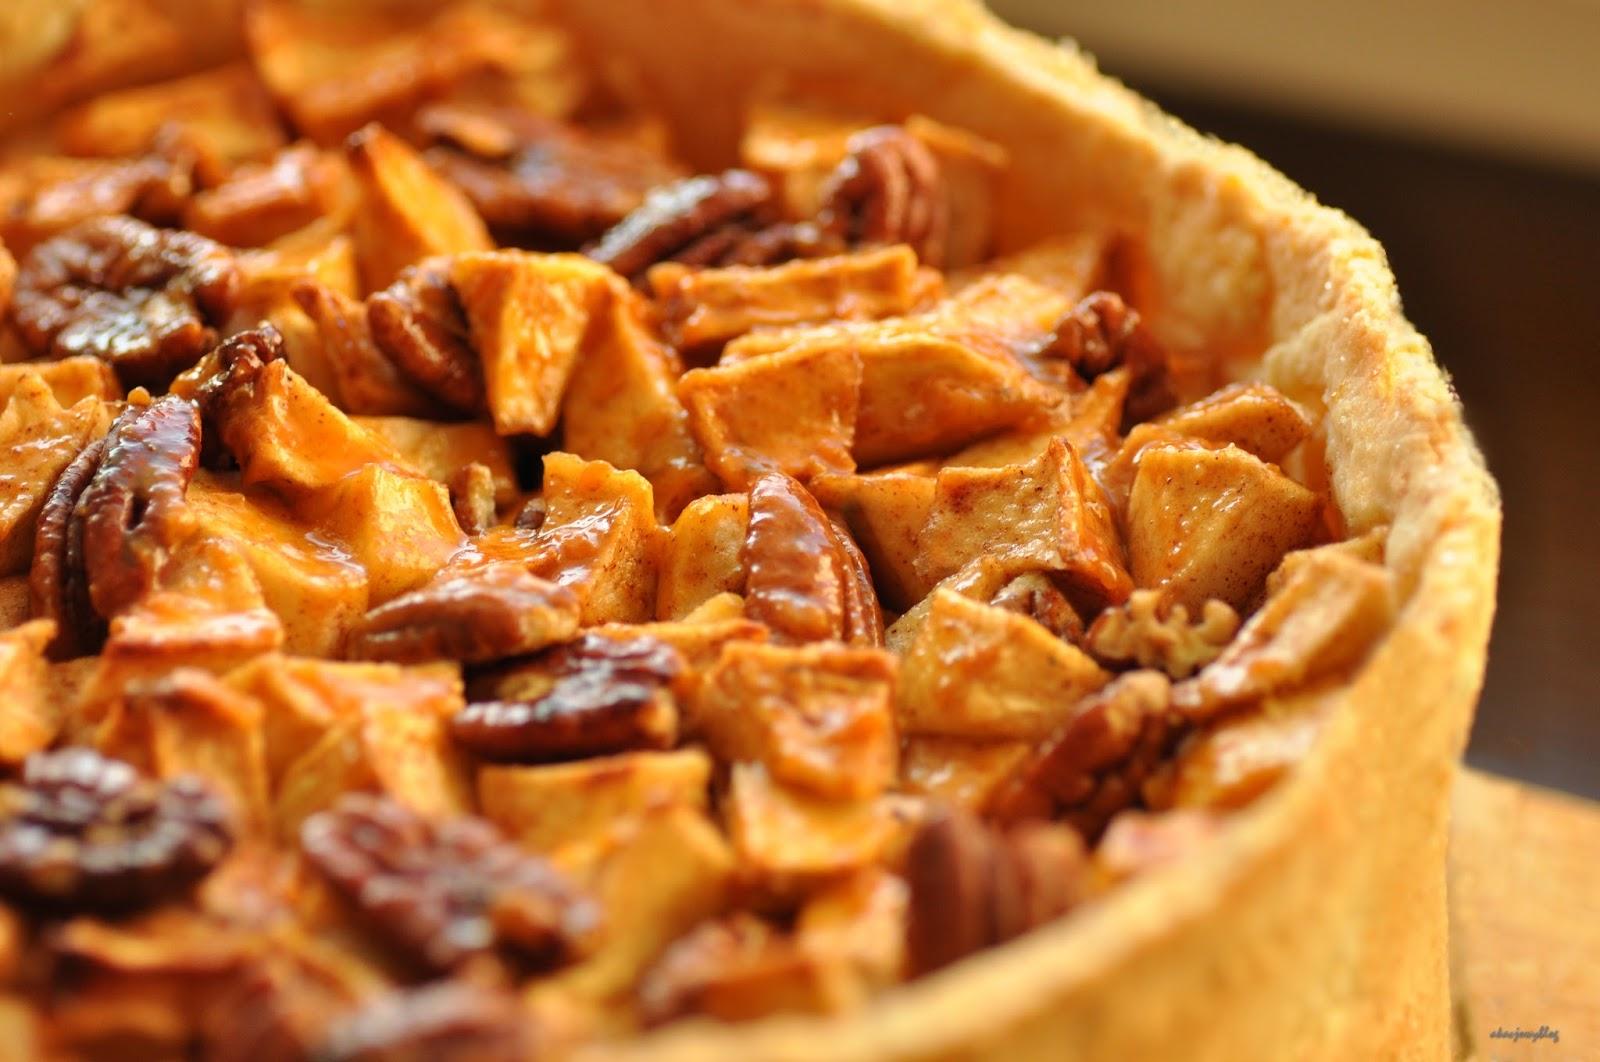 Kruche ciasto jabłkowo - pekanowe i Światowy Dzień Wróbla.